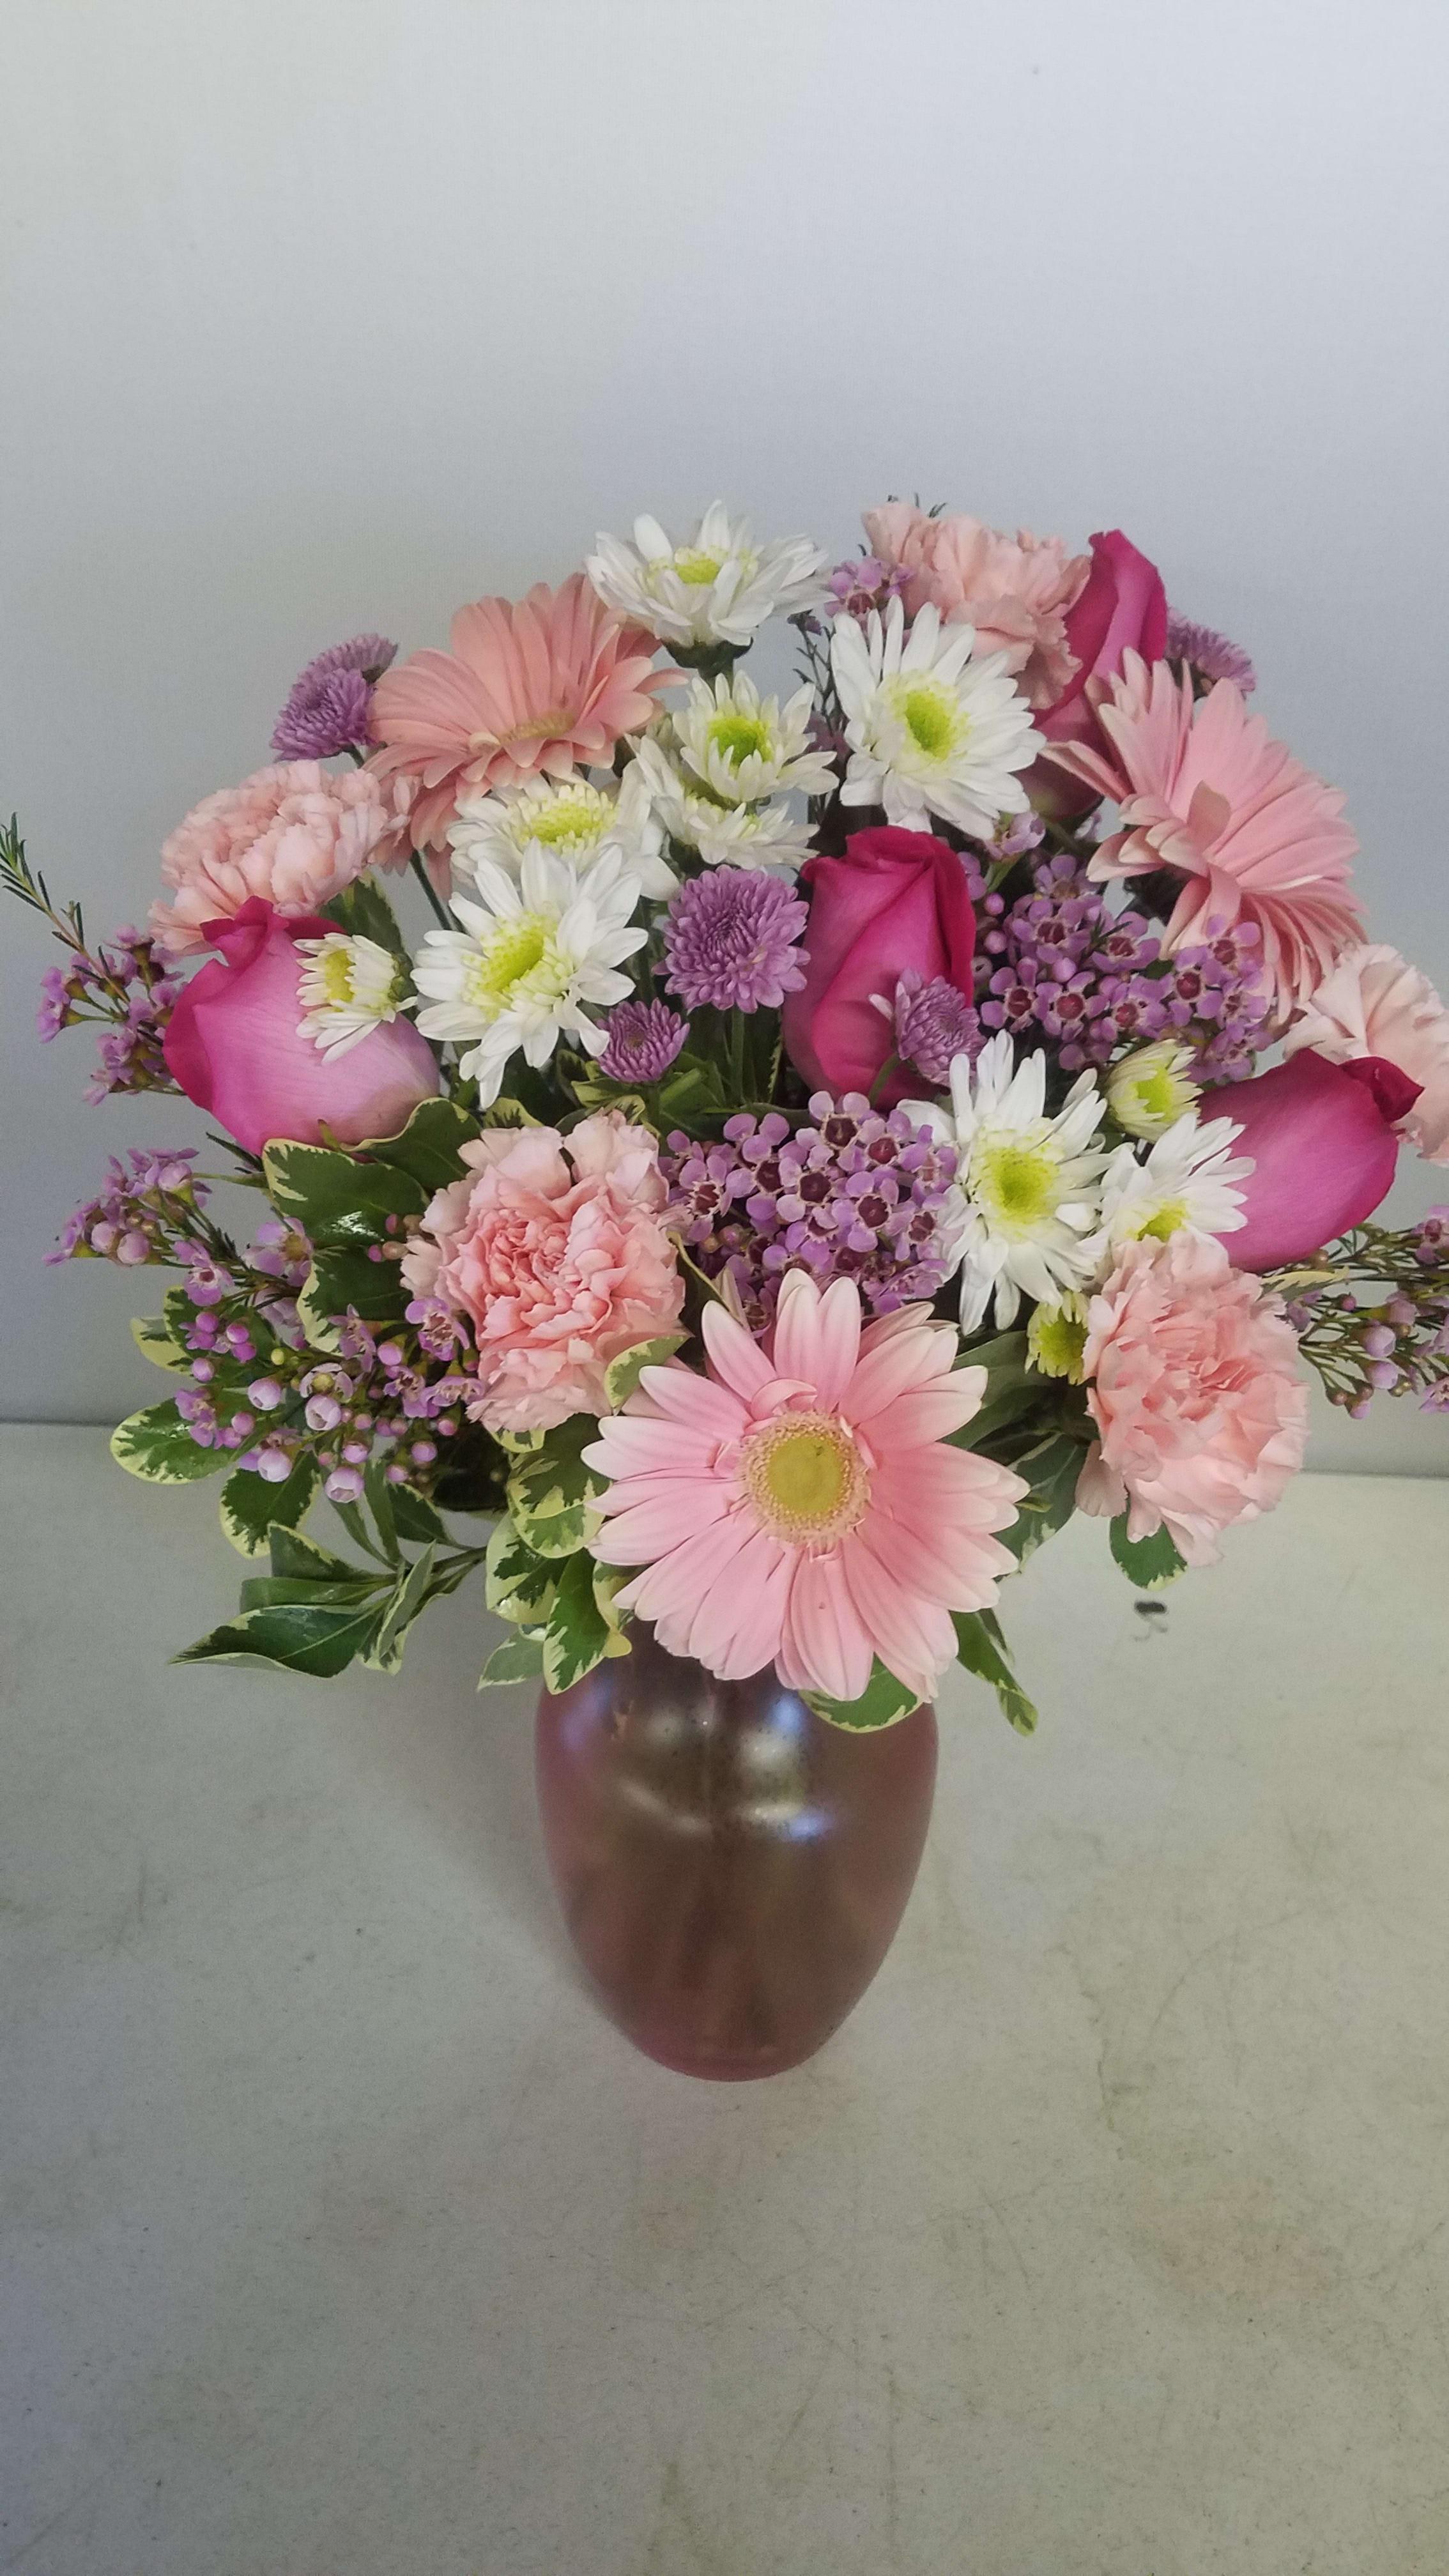 Pink White Lavender Vase Arrangement By Osterbrock Florist